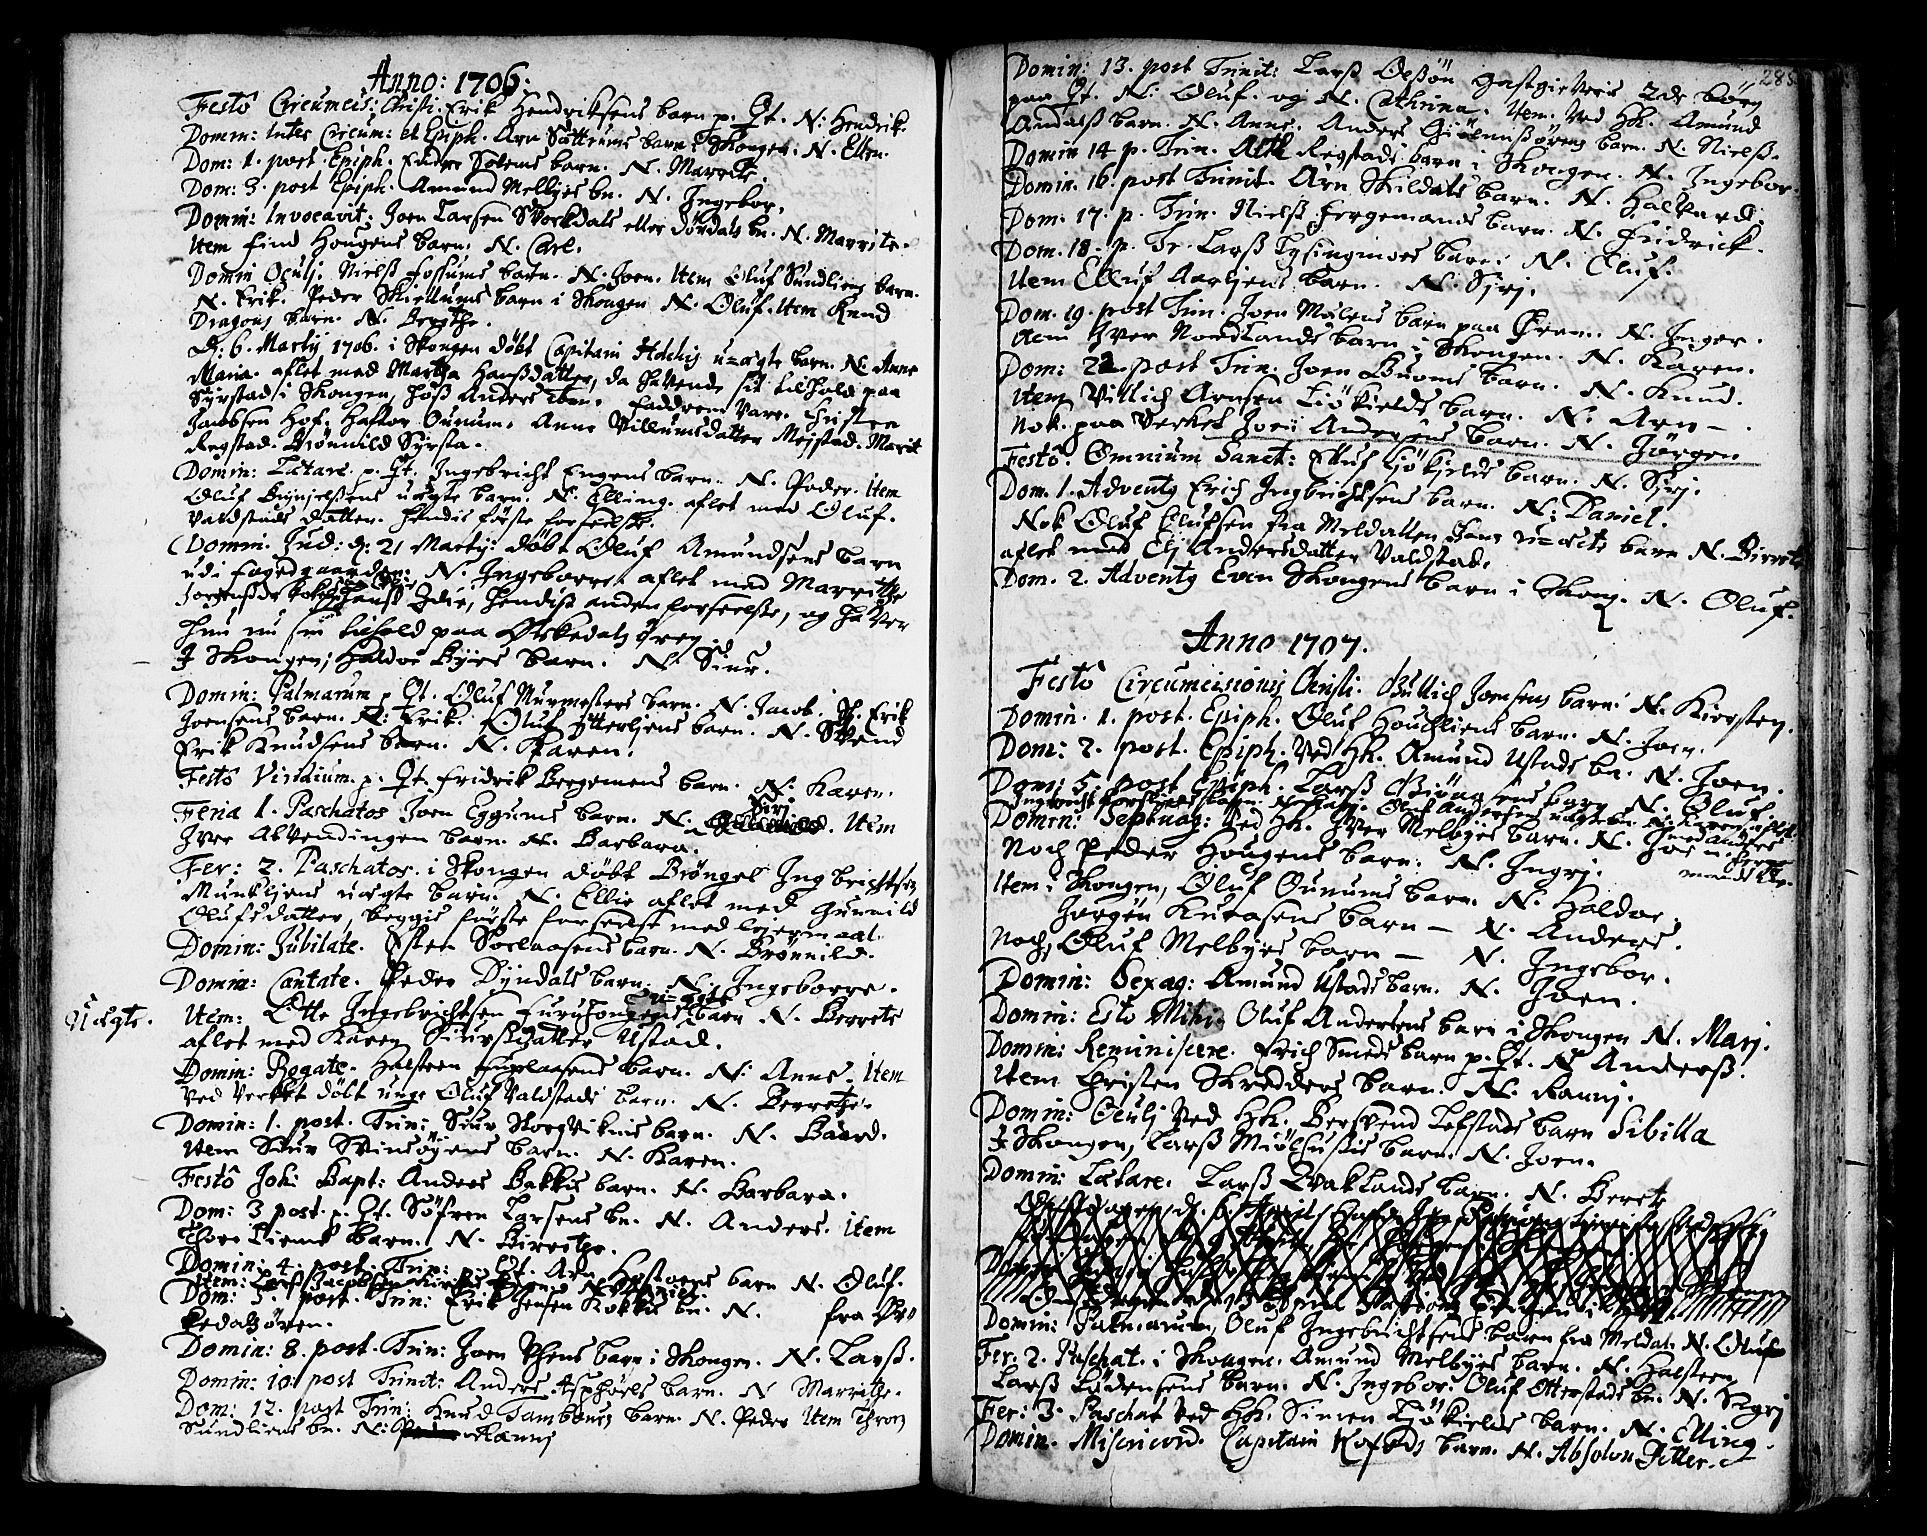 SAT, Ministerialprotokoller, klokkerbøker og fødselsregistre - Sør-Trøndelag, 668/L0801: Ministerialbok nr. 668A01, 1695-1716, s. 284-285